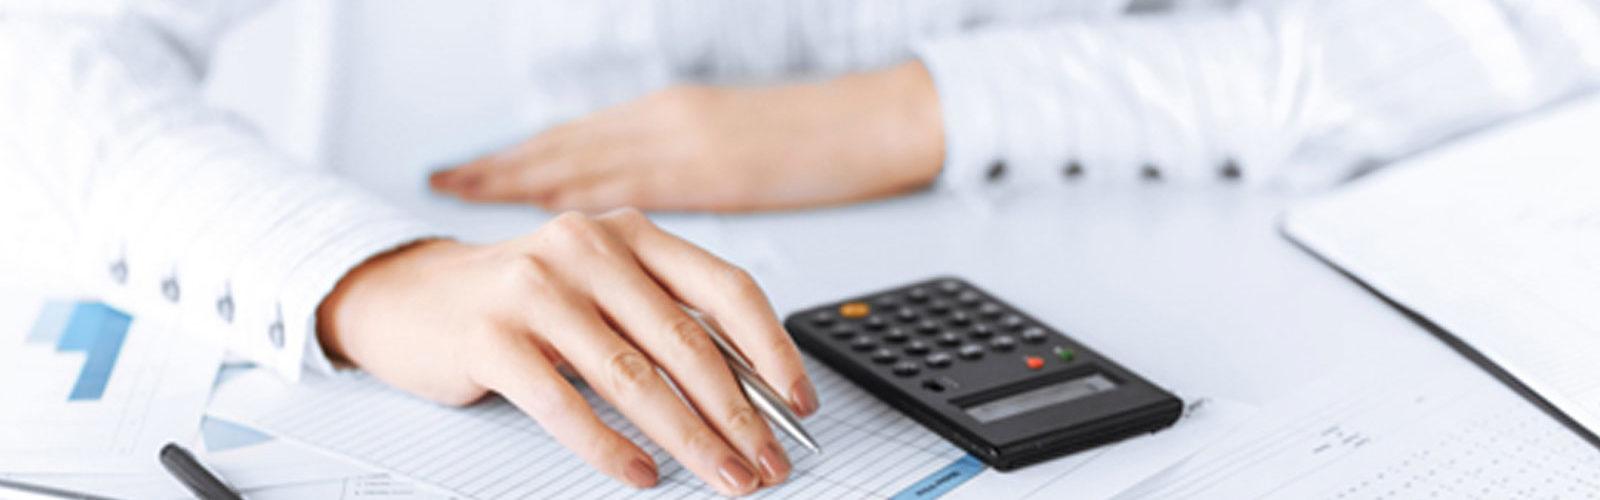 Assistenza presentazione domande finanziamento agevolato o contributi